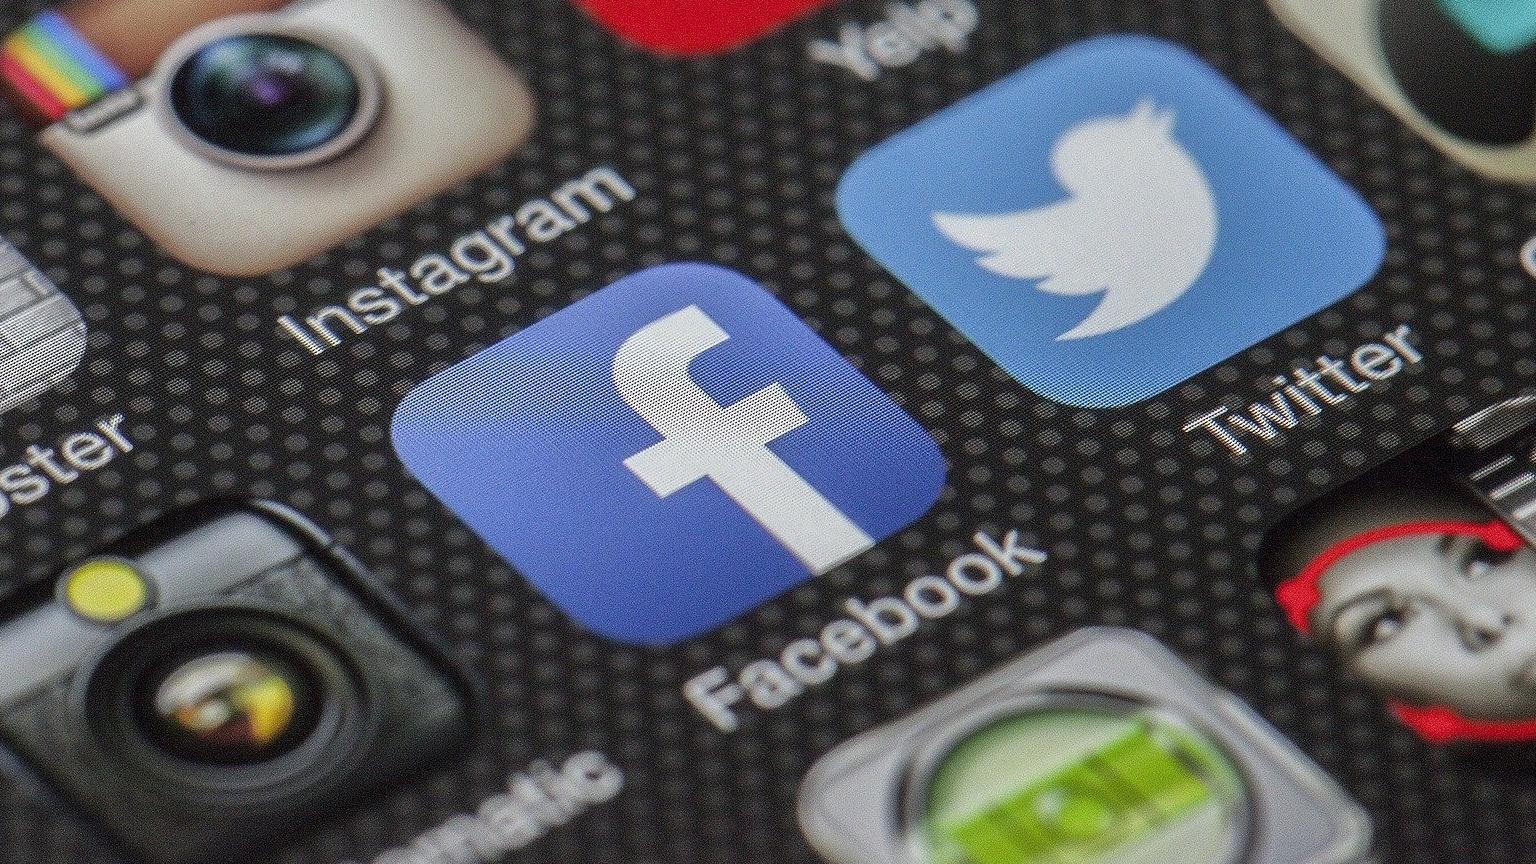 Facebook Nachrichten können Sie auch ohne den Messenger auf einem Android Smartphone oder dem iPhone lesen oder schreiben.